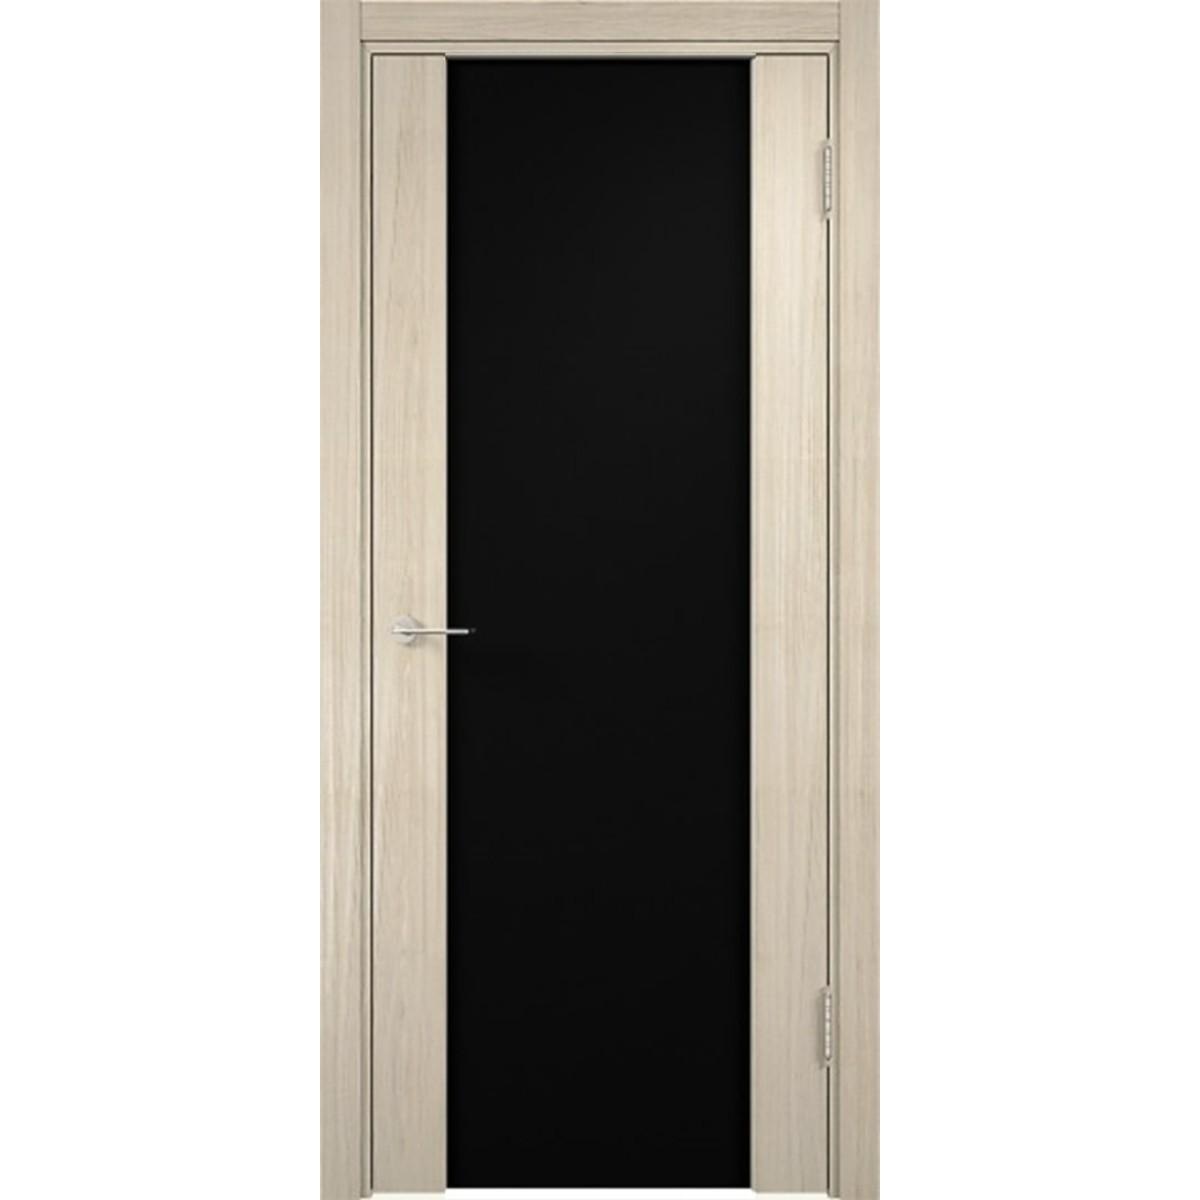 Дверное полотно Casaporte Сан-Ремо МП_0210 2000х900х44 мм МДФ